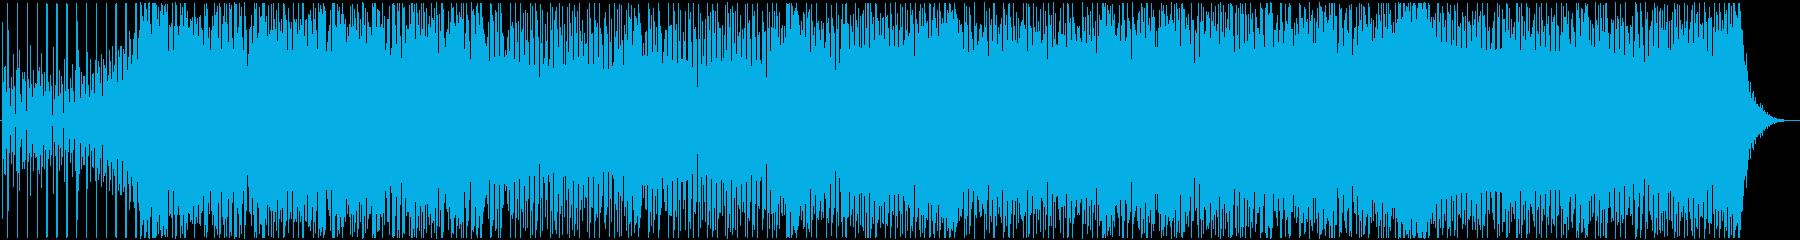 可愛らしいダンスポップ 声有りの再生済みの波形